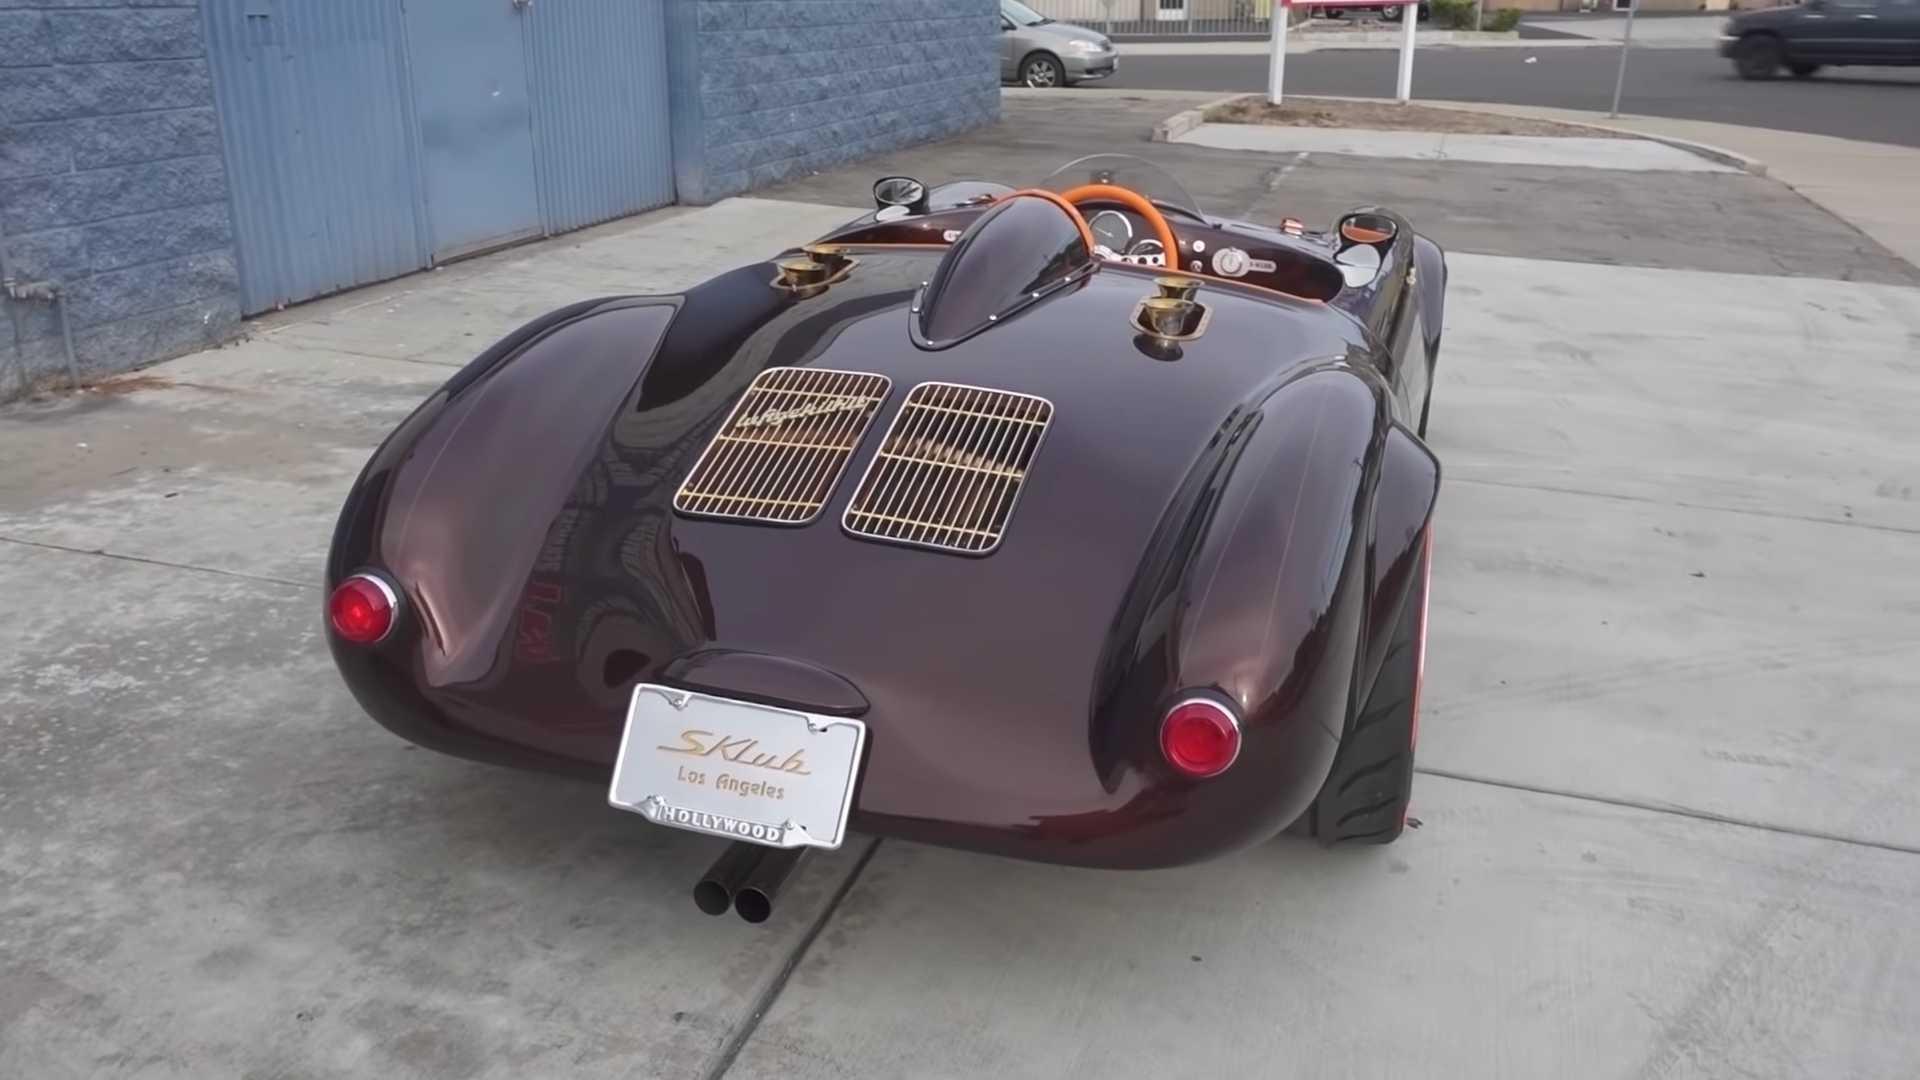 Американцы построили реплику Porsche с единственным креслом по центру 2